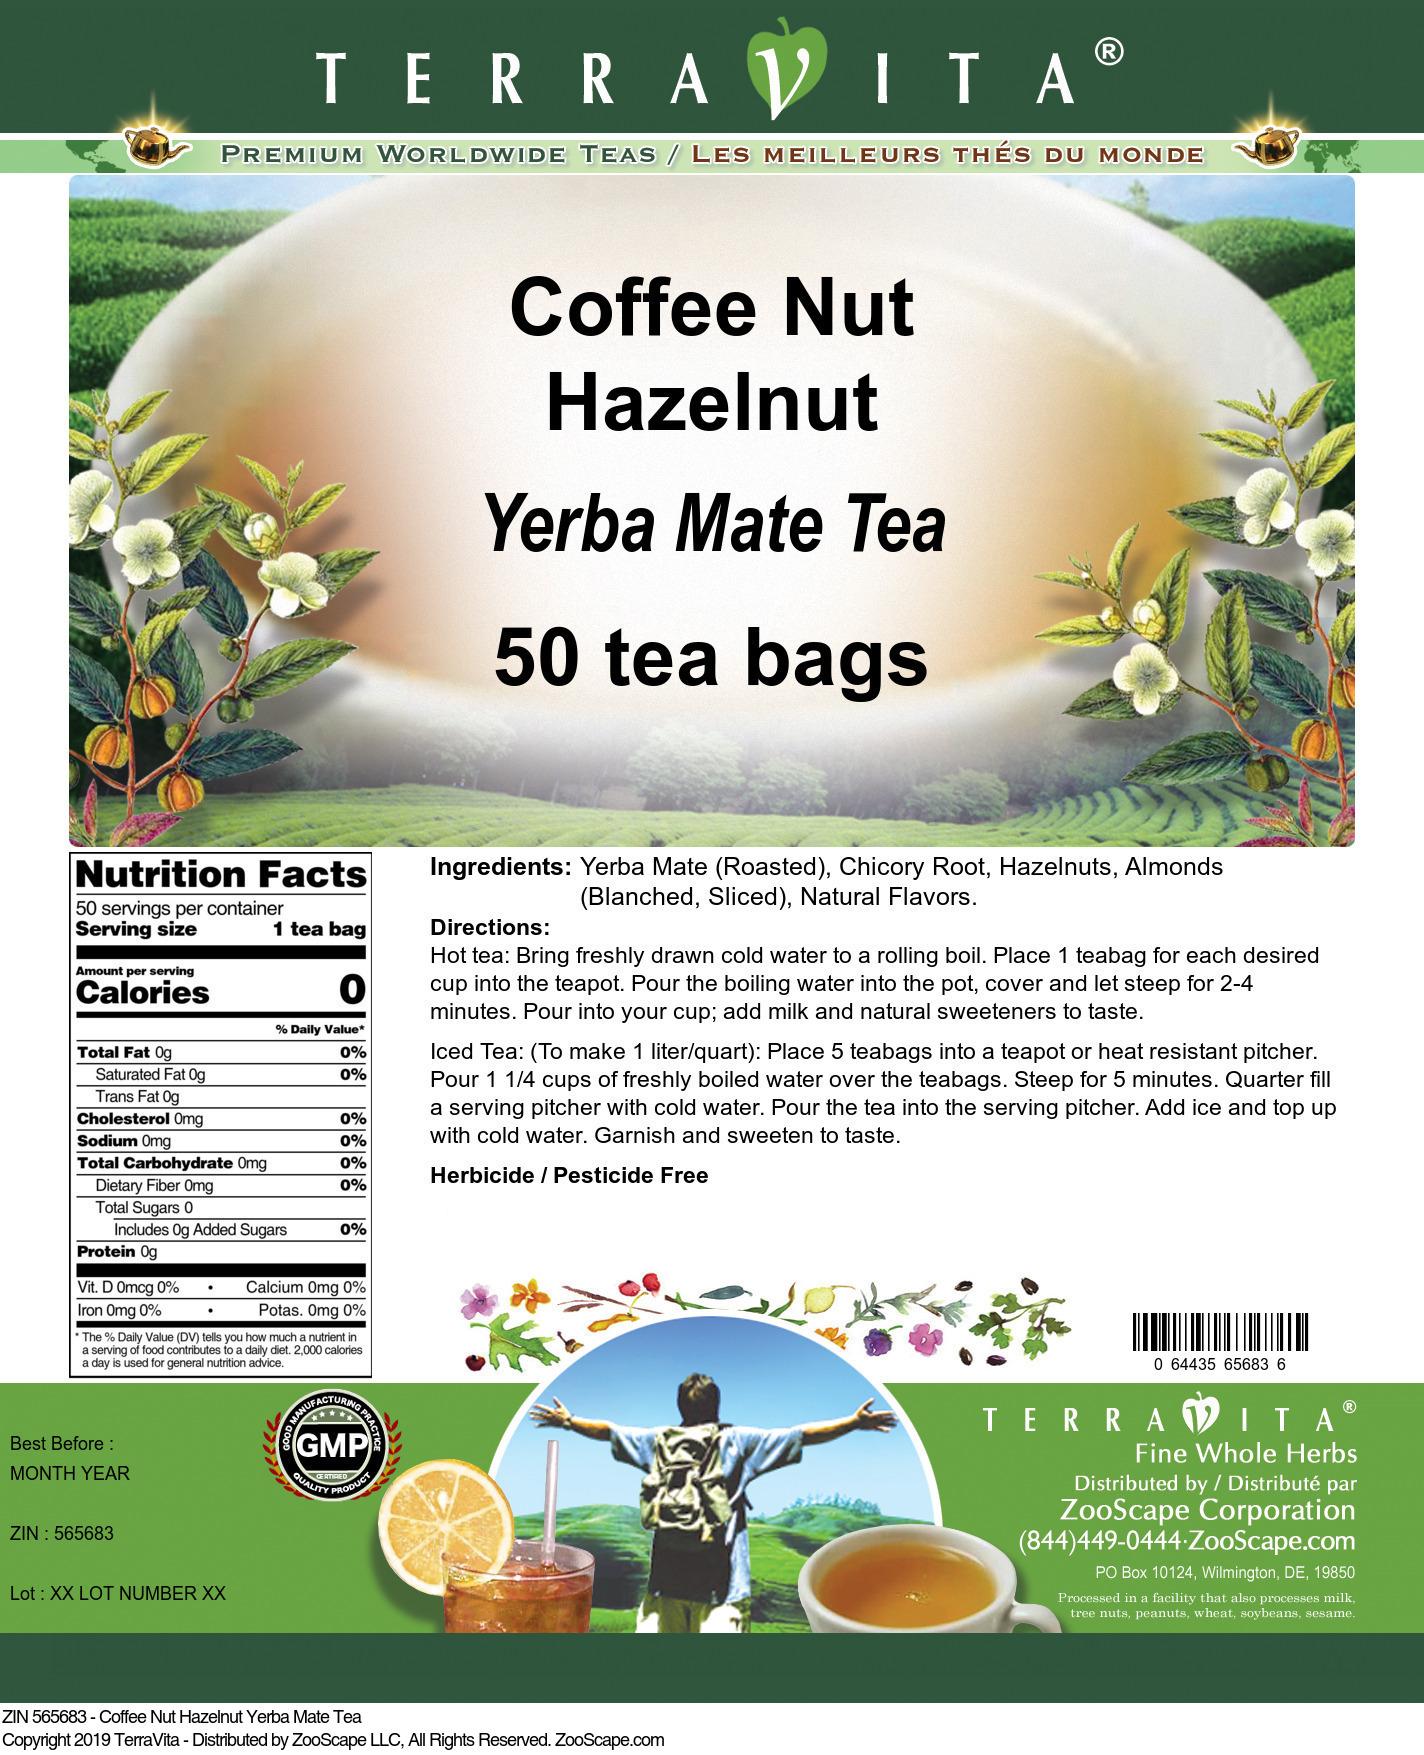 Coffee Nut Hazelnut Yerba Mate